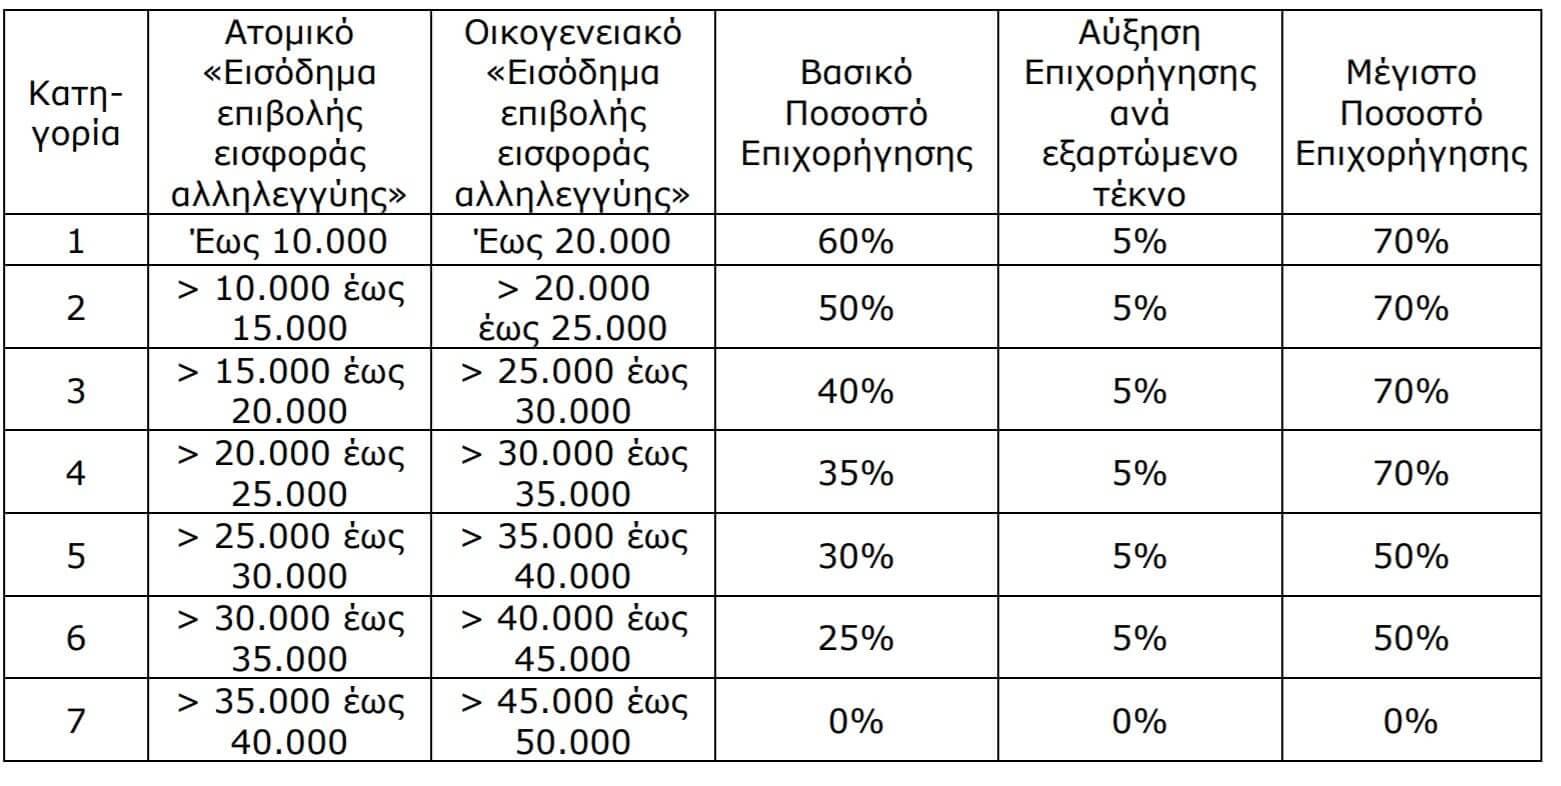 κατηγορίες εισοδήματος ωφελούμενου